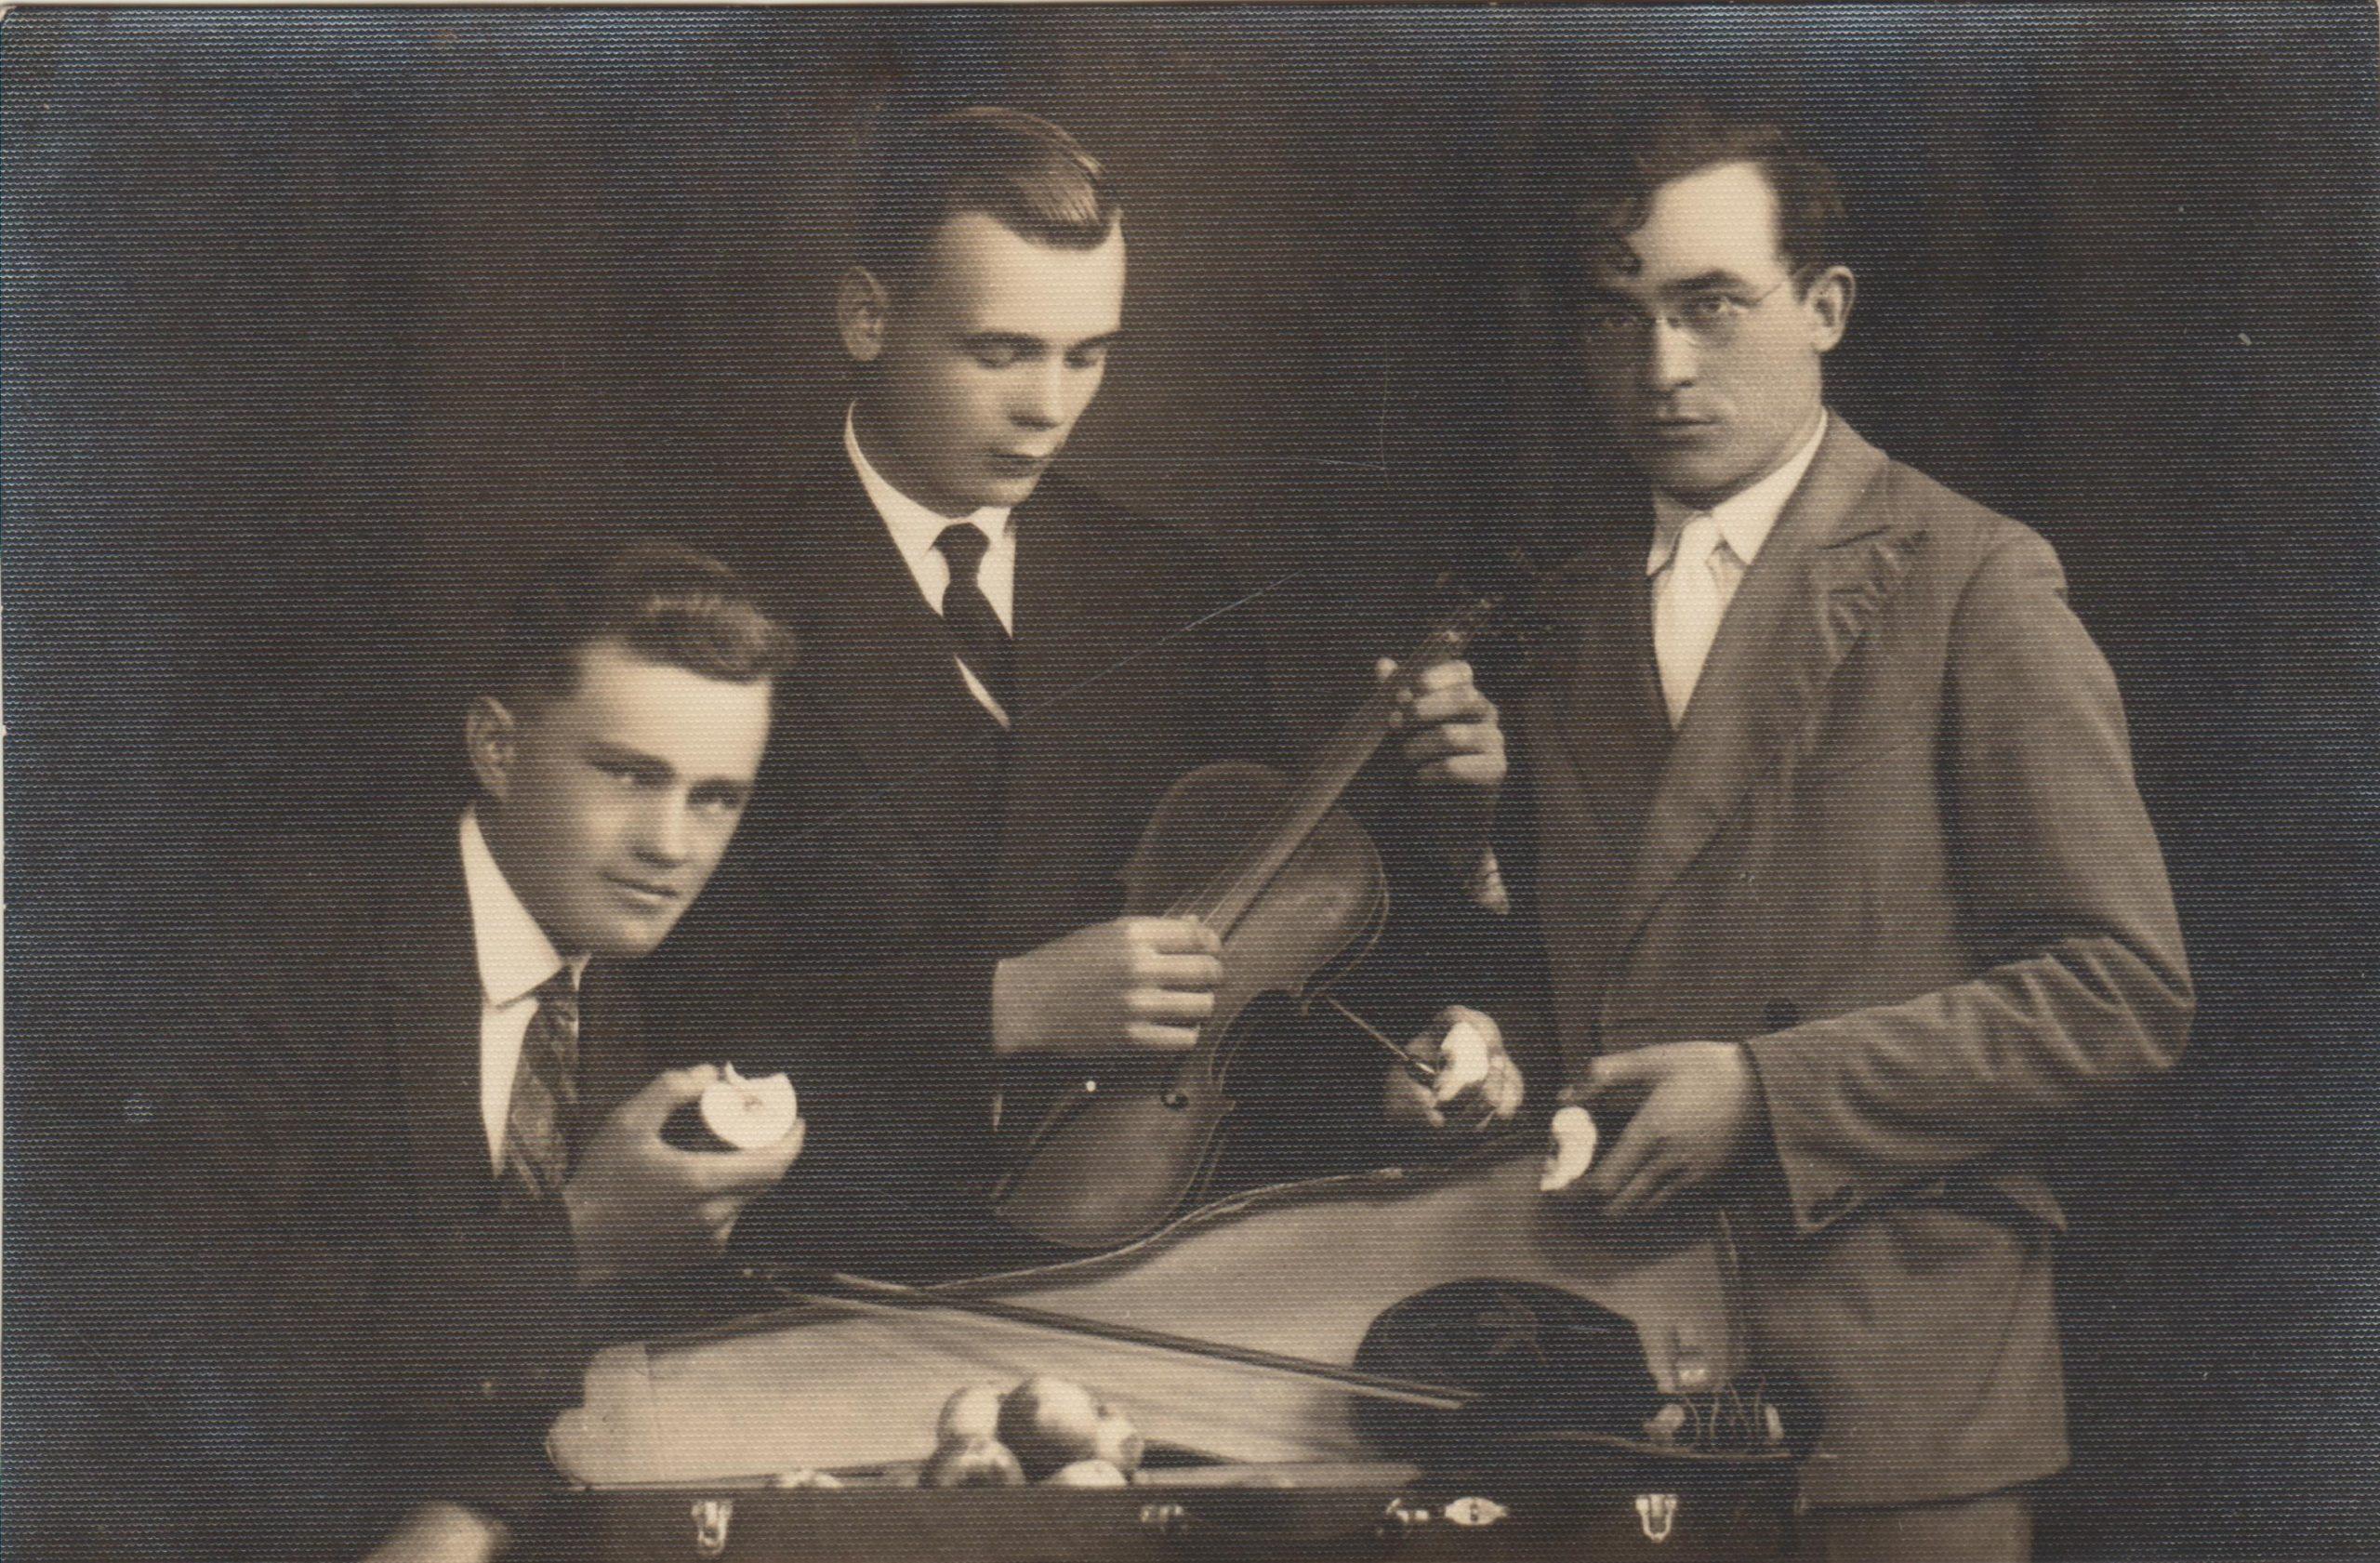 B. Brazdžionis su kambario draugais B. Skleniu (centre) ir A. Kuču (kairėje) Kaune apie 1931 m.